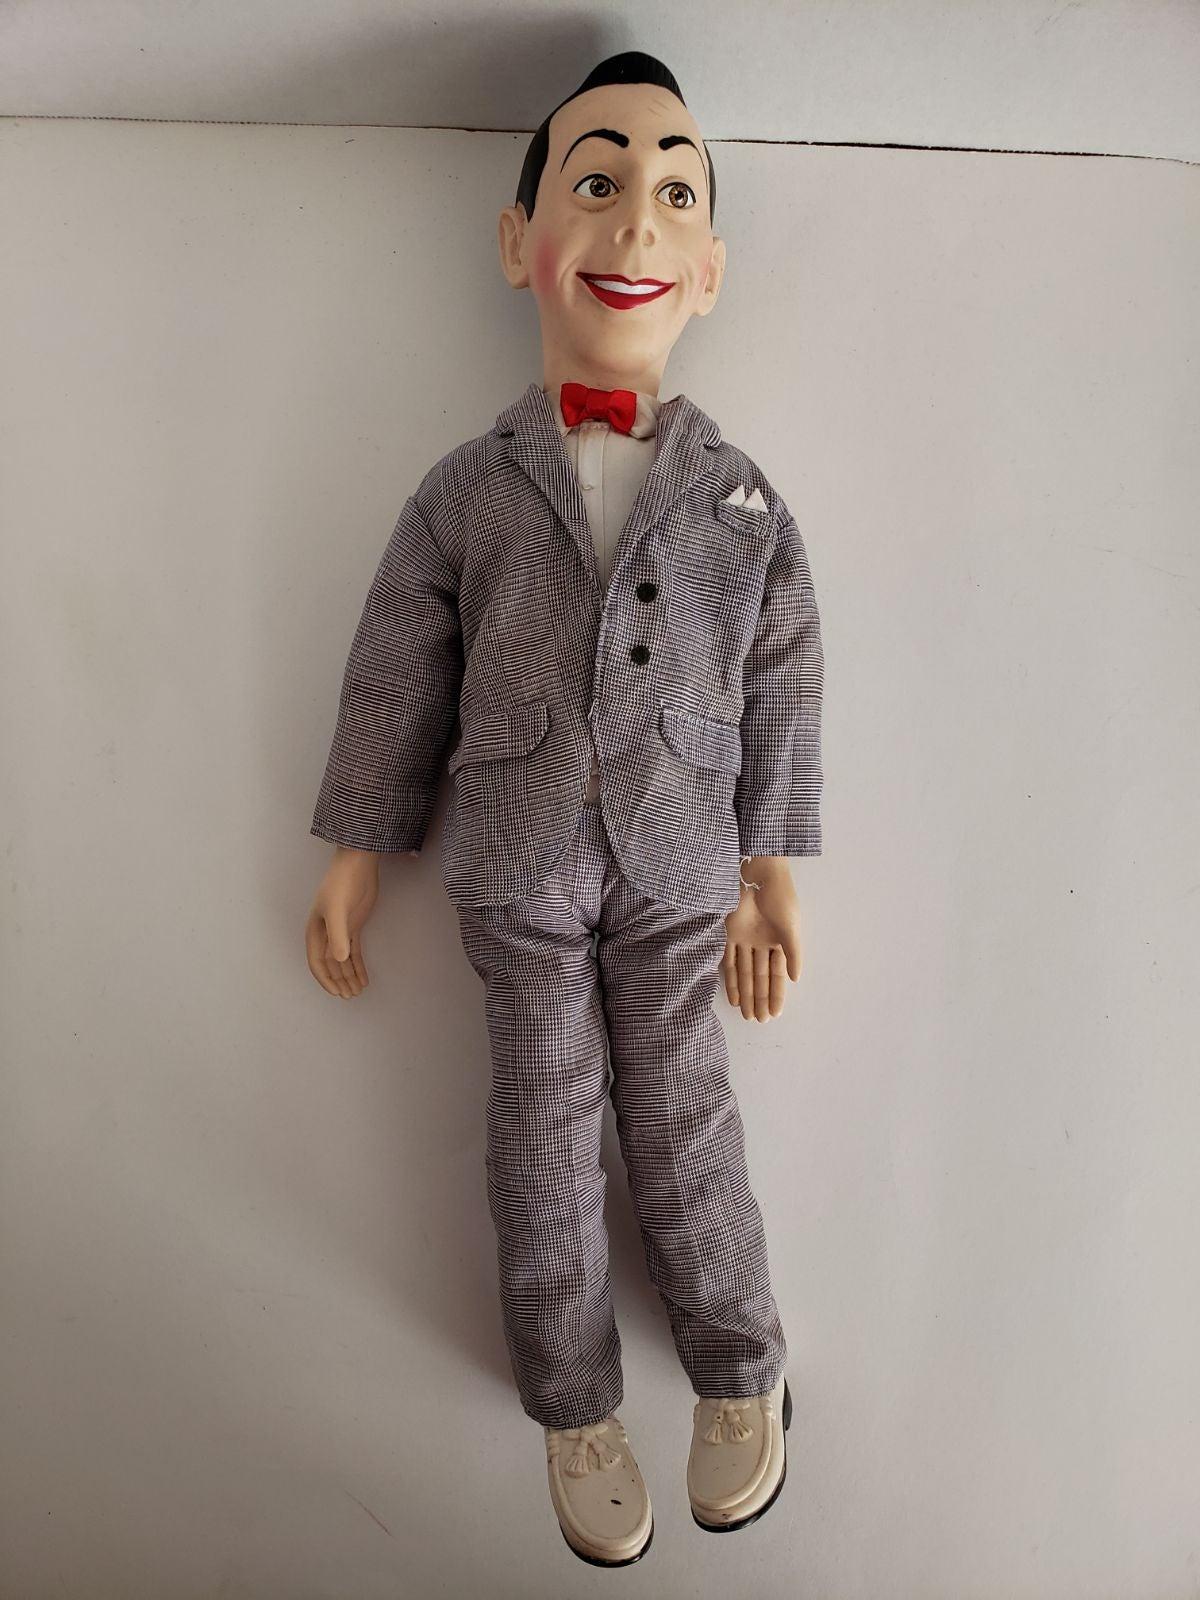 Pee Wee Herman doll